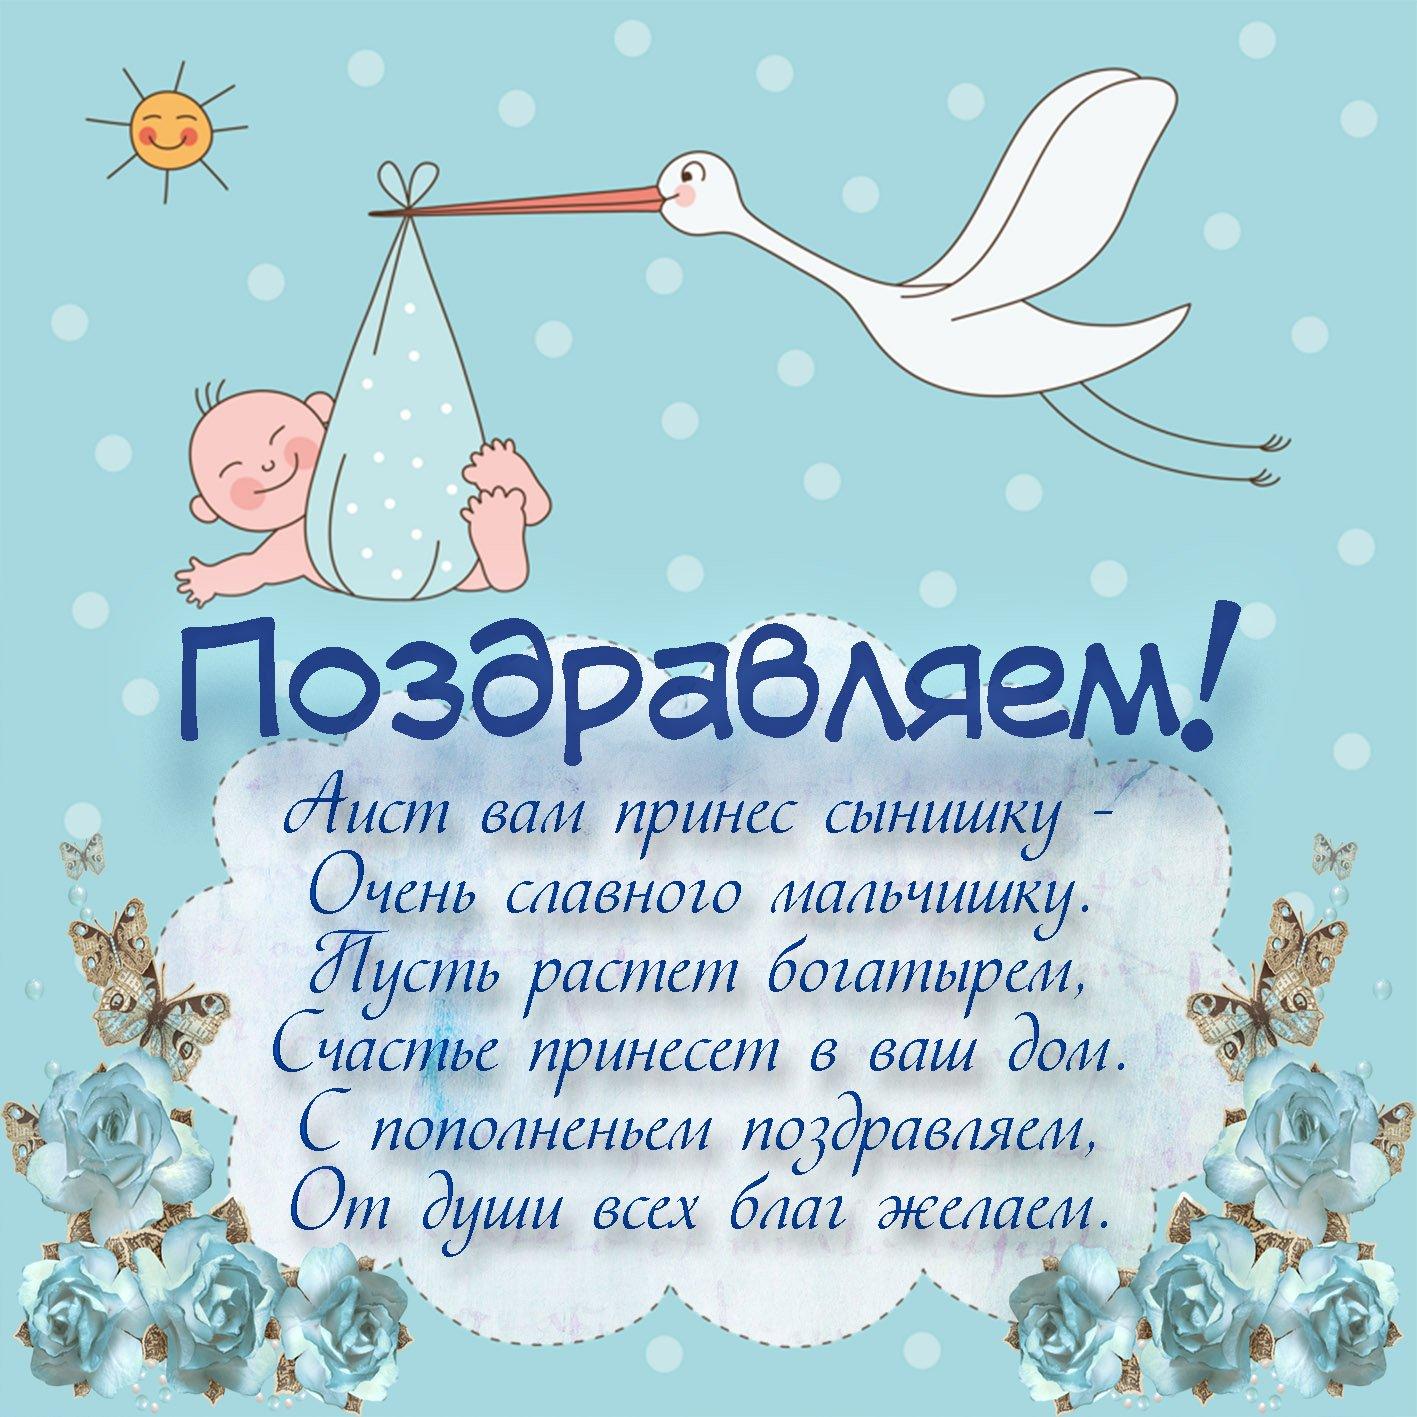 Поздравления для новорожденного с картинками, новый год